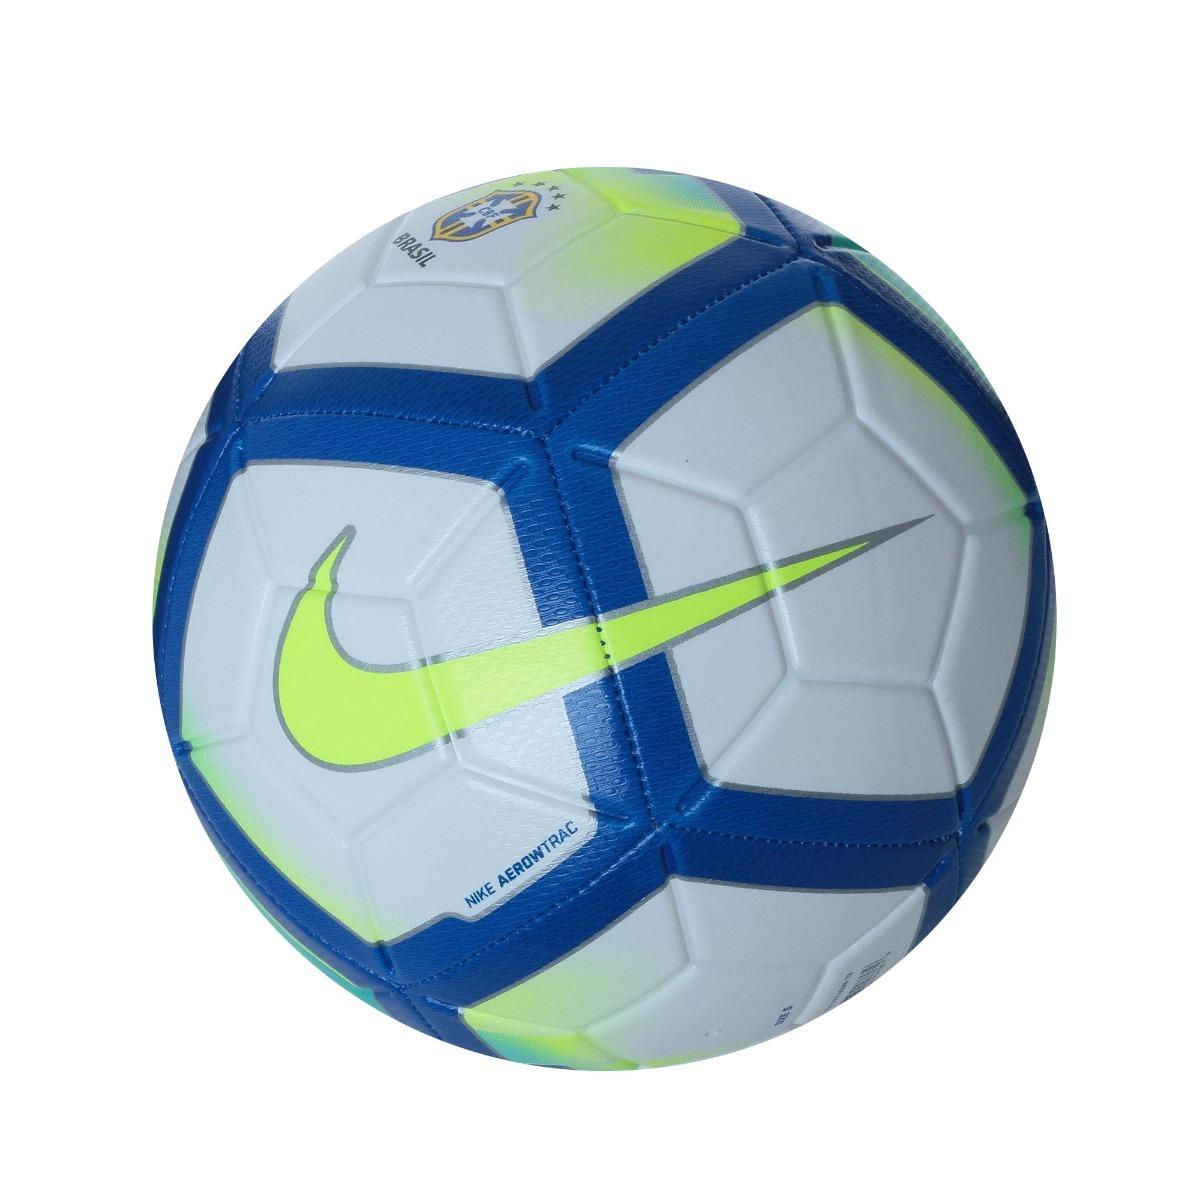 bola futebol campo nike strike cbf brasileirão original 2018. Carregando  zoom. 4772b806f501f